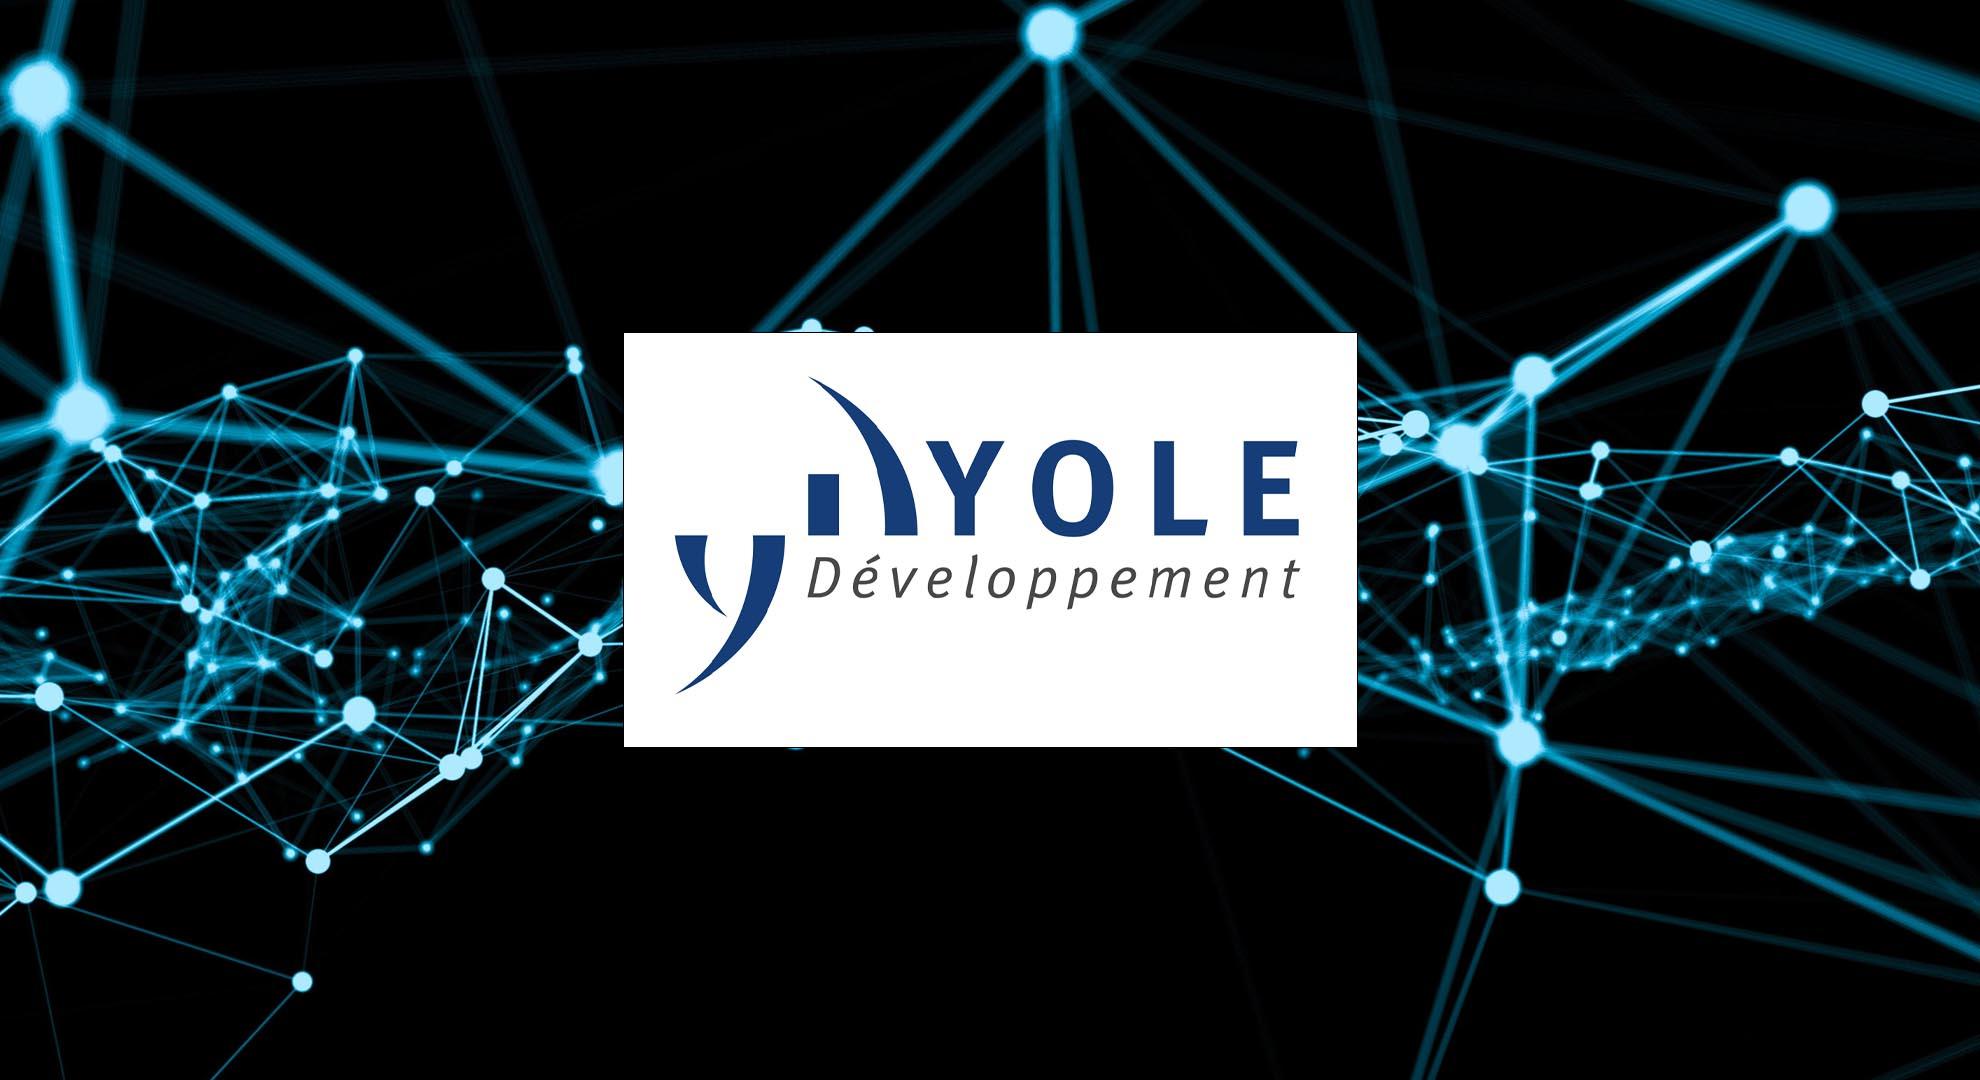 Yole Developpement